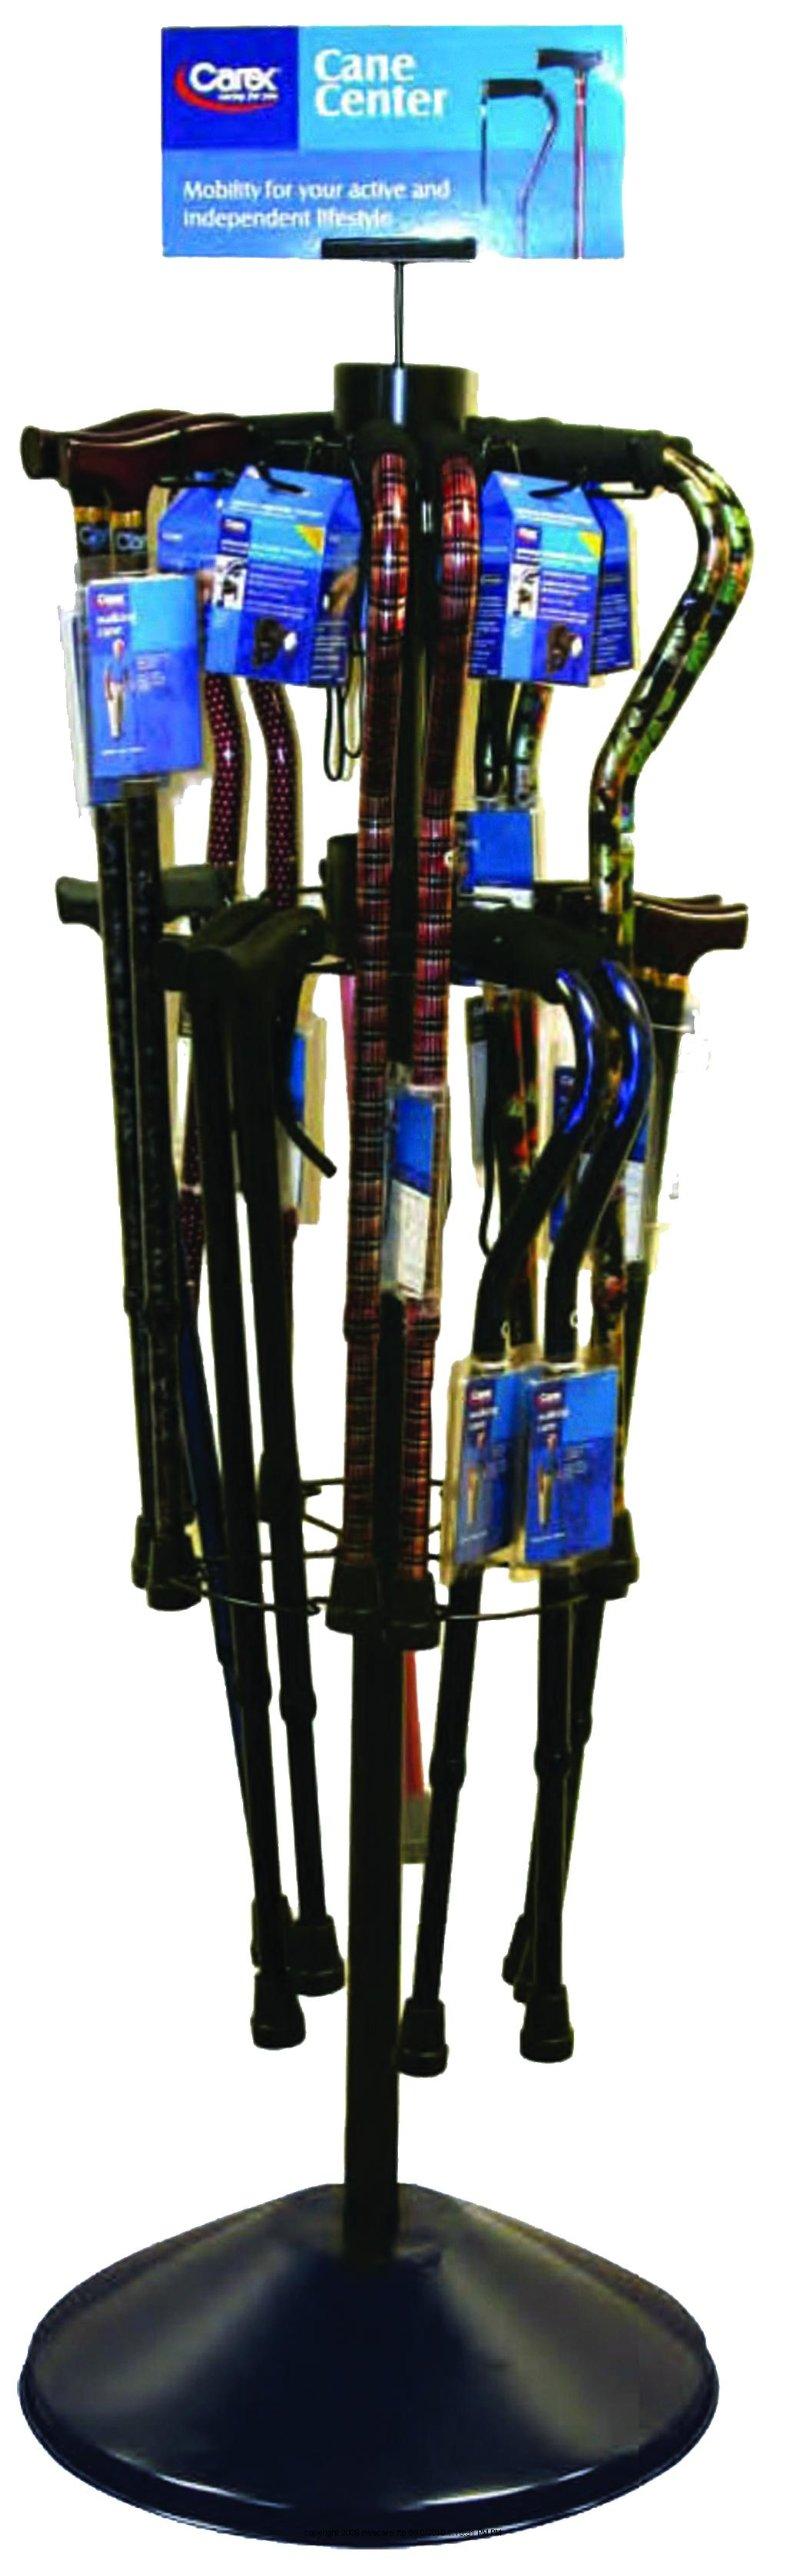 Cane Display Spinner Rack, Cane Display Spinner Rack -Sp, (1 EACH, 1 EACH)